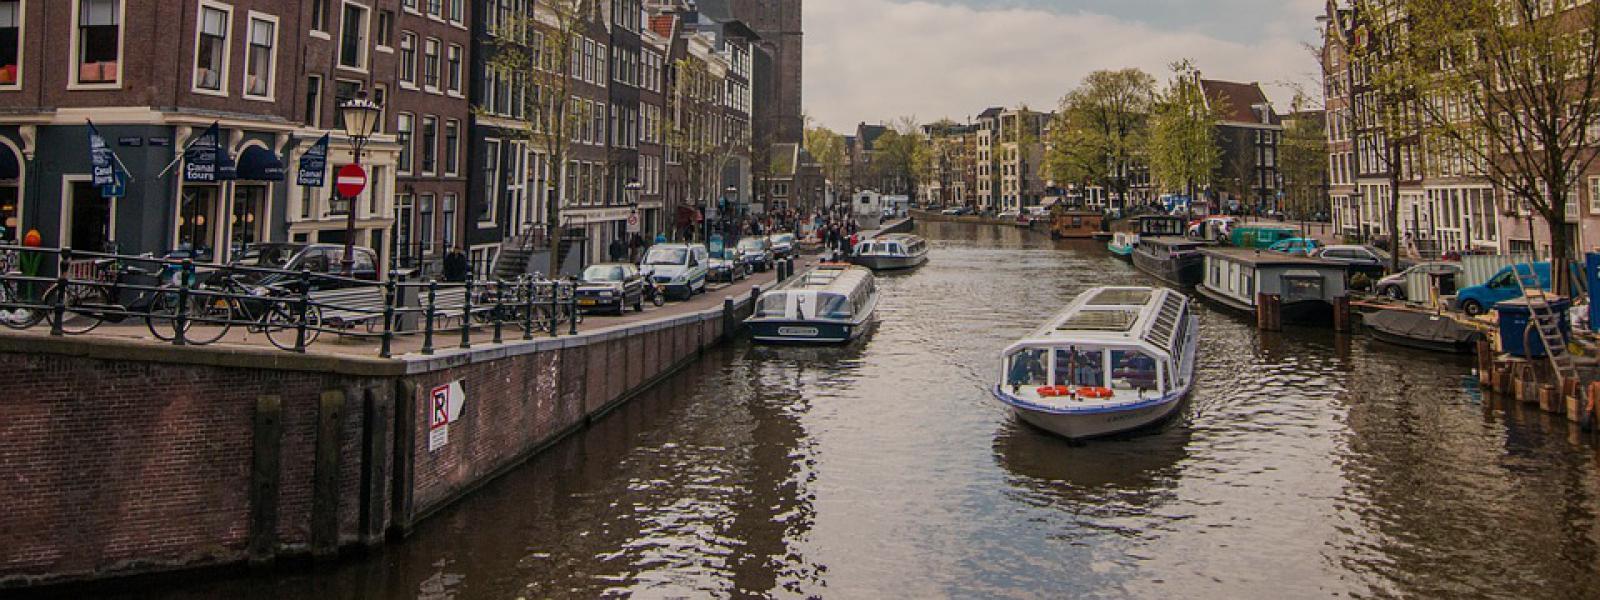 boottochtje op de grachten, Amsterdam